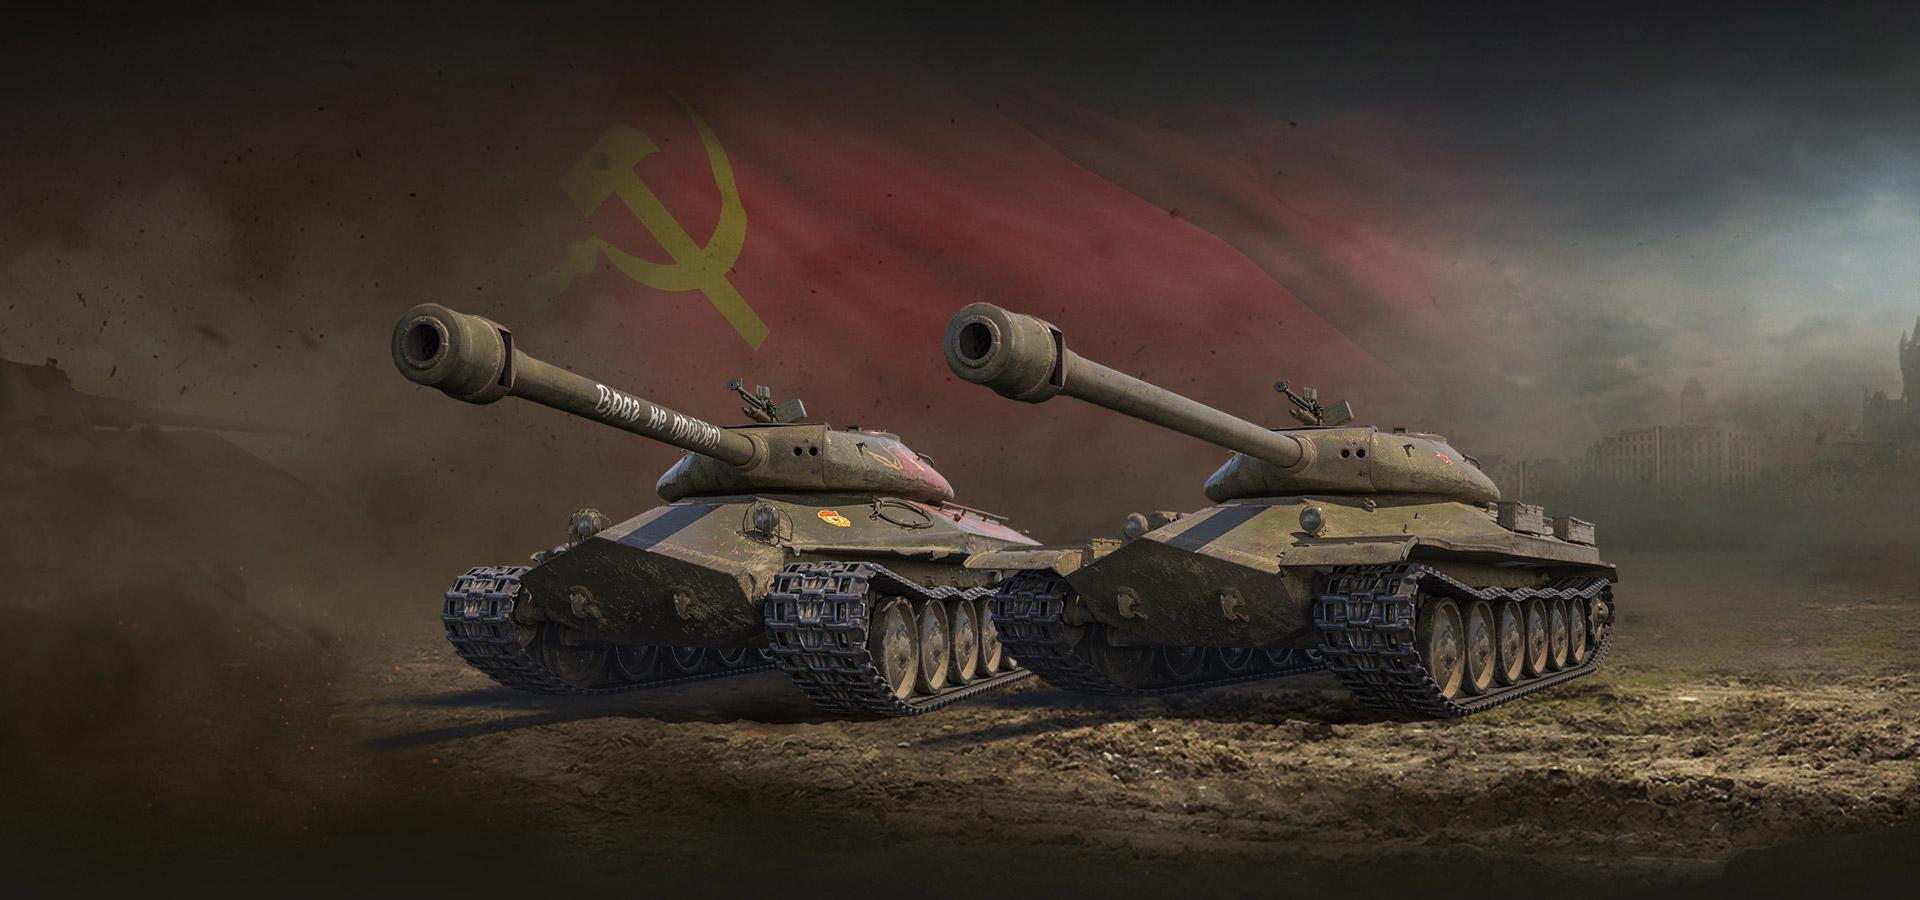 защитник картинки танк надо кричать-надо тихо-тихо